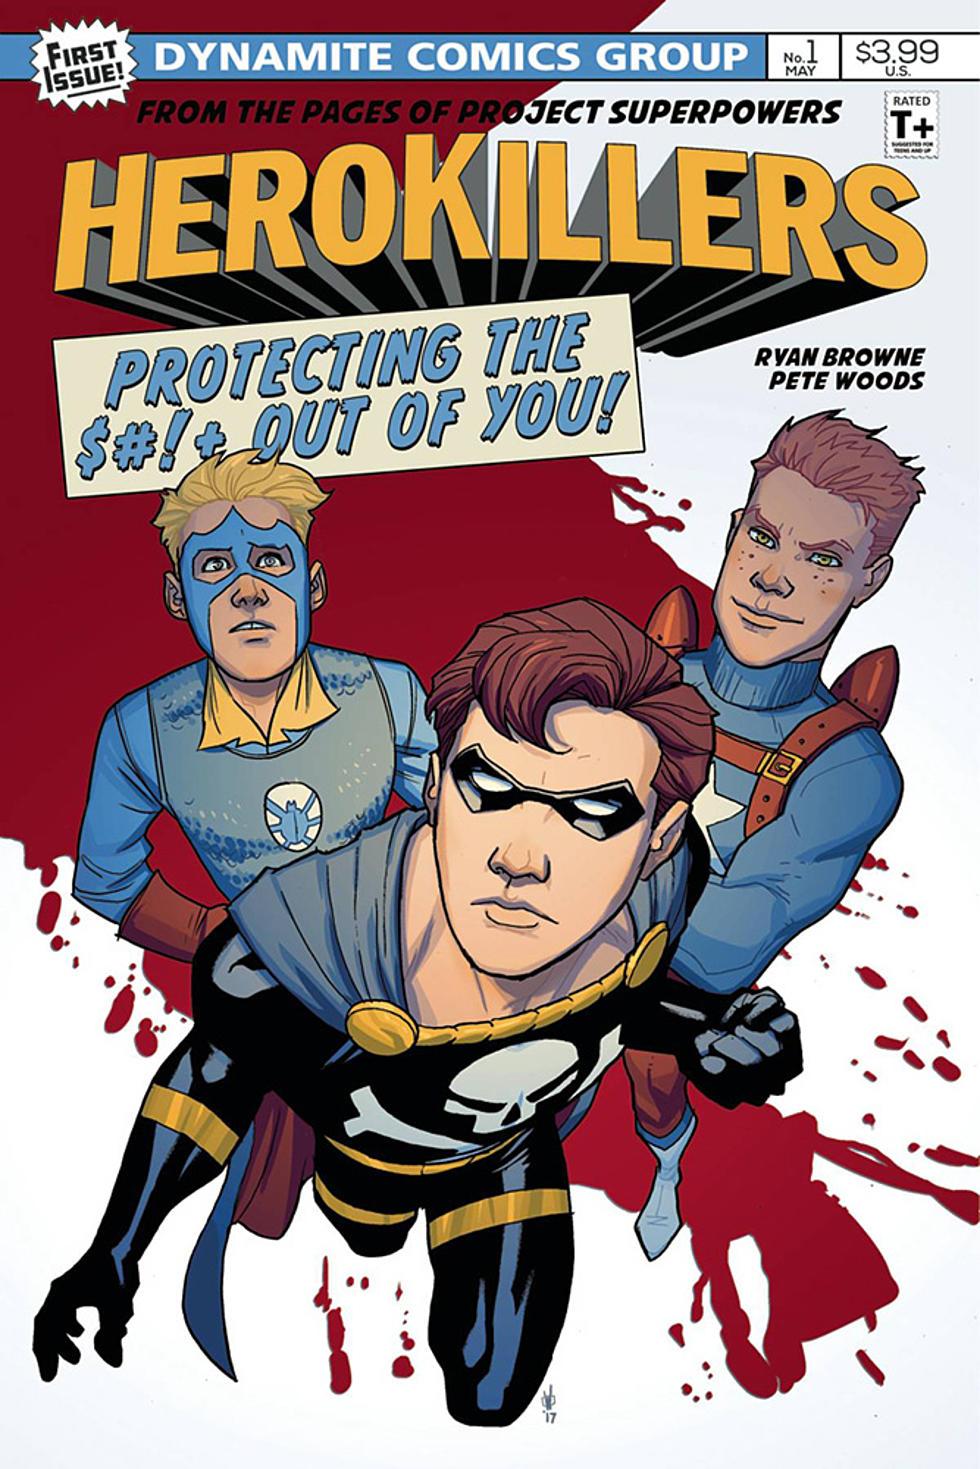 Ryan Browne And Pete Woods On Their Super Satire Hero Killers